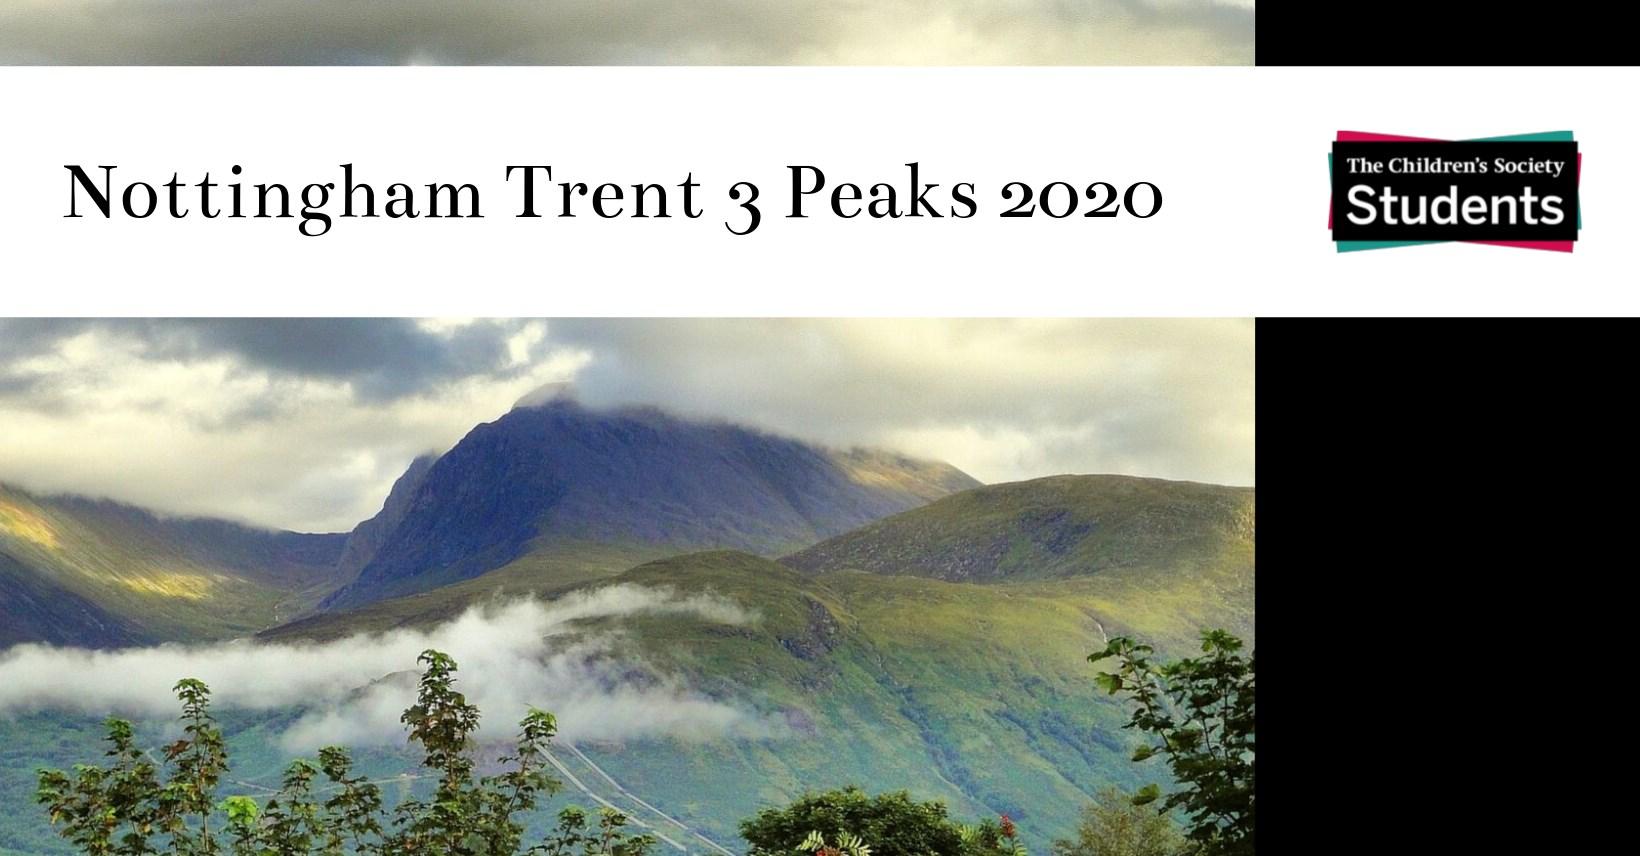 Nottingham Trent 3 Peaks 2020 - The Children's Society Students